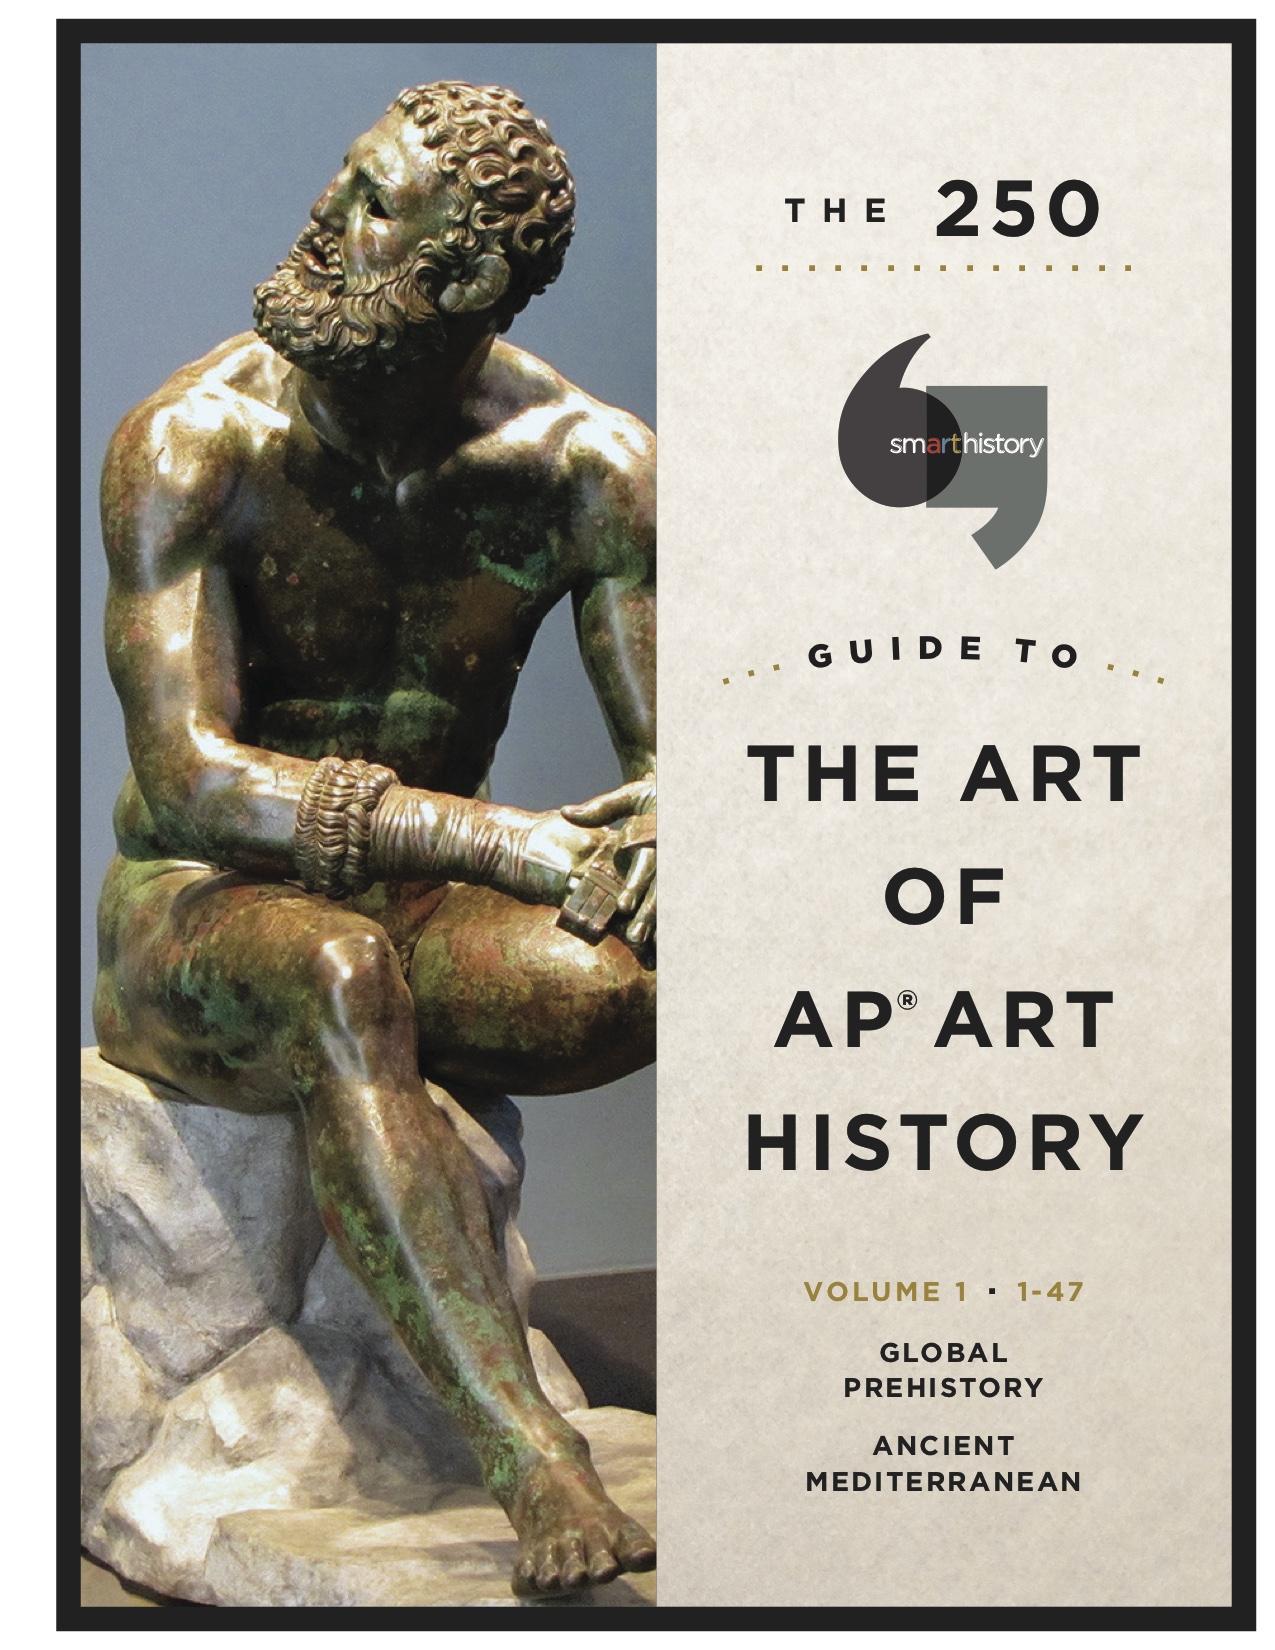 the 250 vol 1